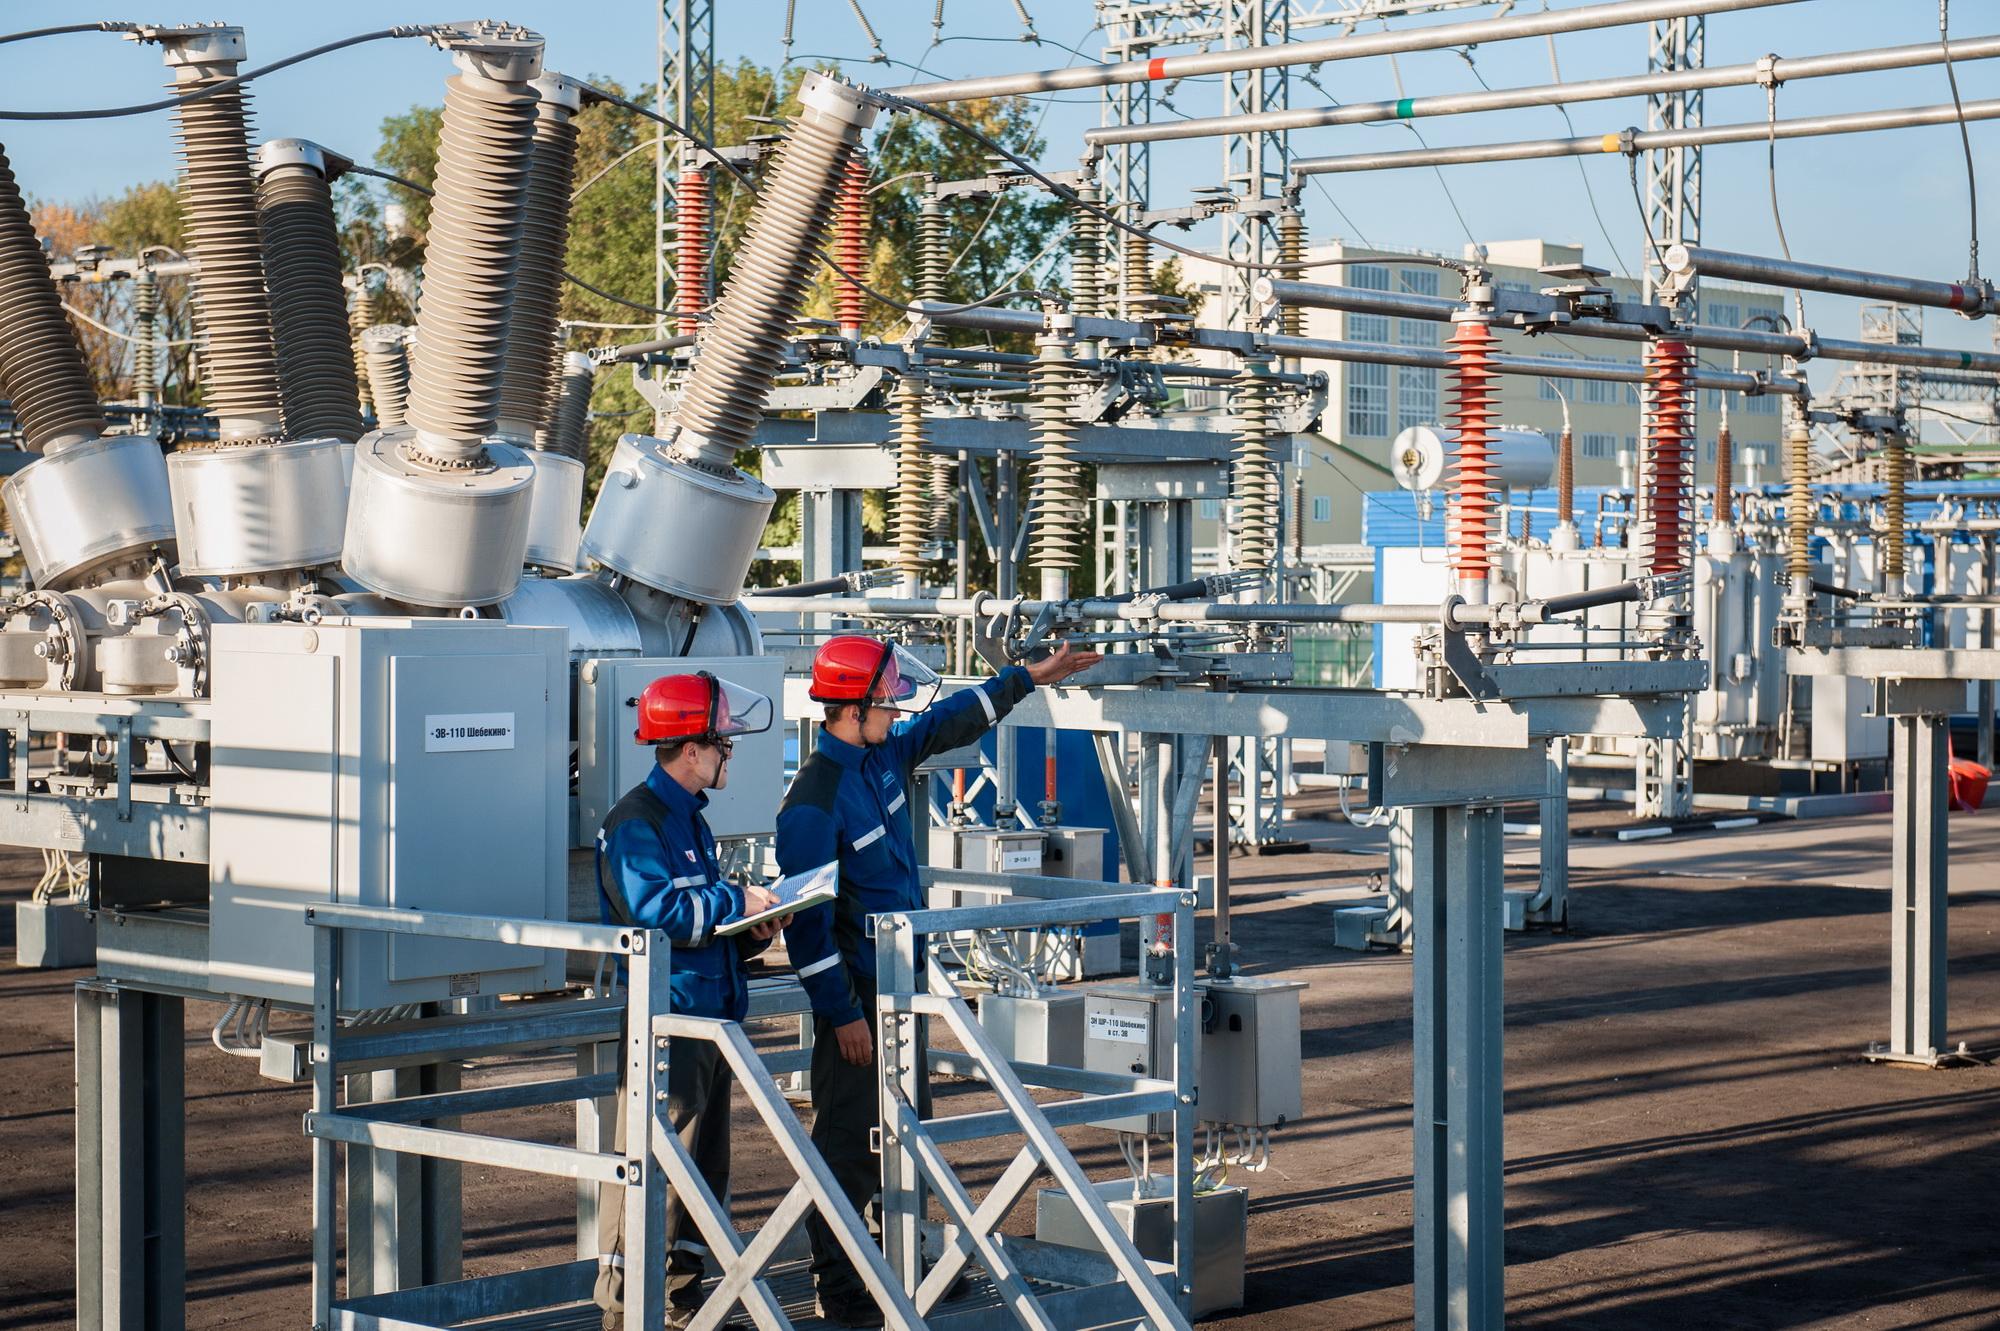 Реконструкция устаревших объектов энергоснабжения по всей России